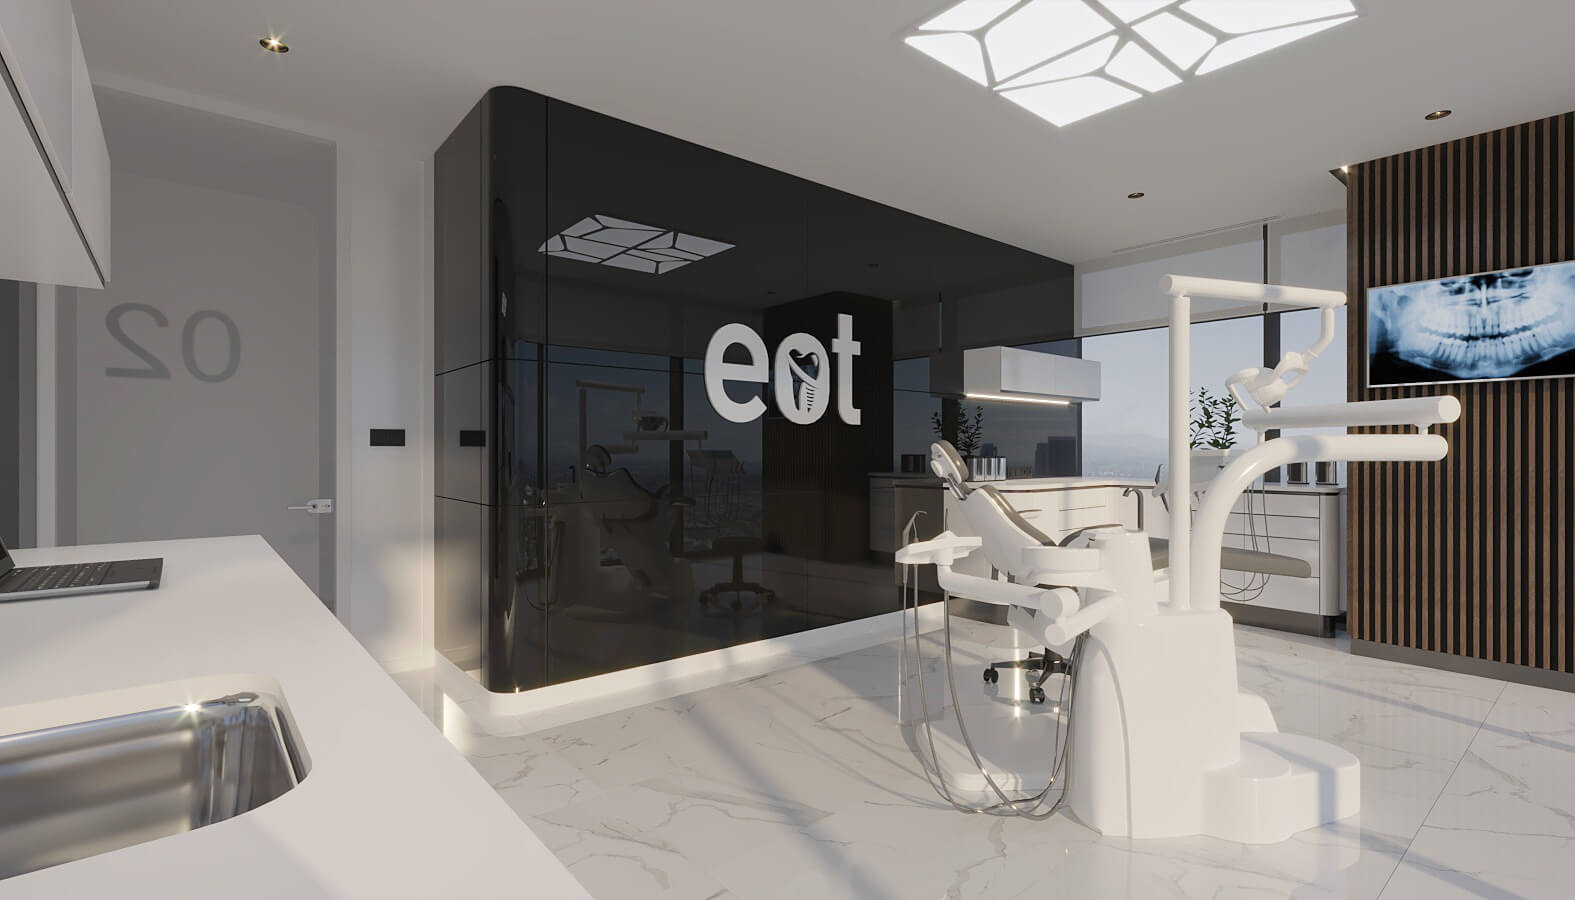 Diş kliniği 4525 EOT Diş Kliniği Sağlık